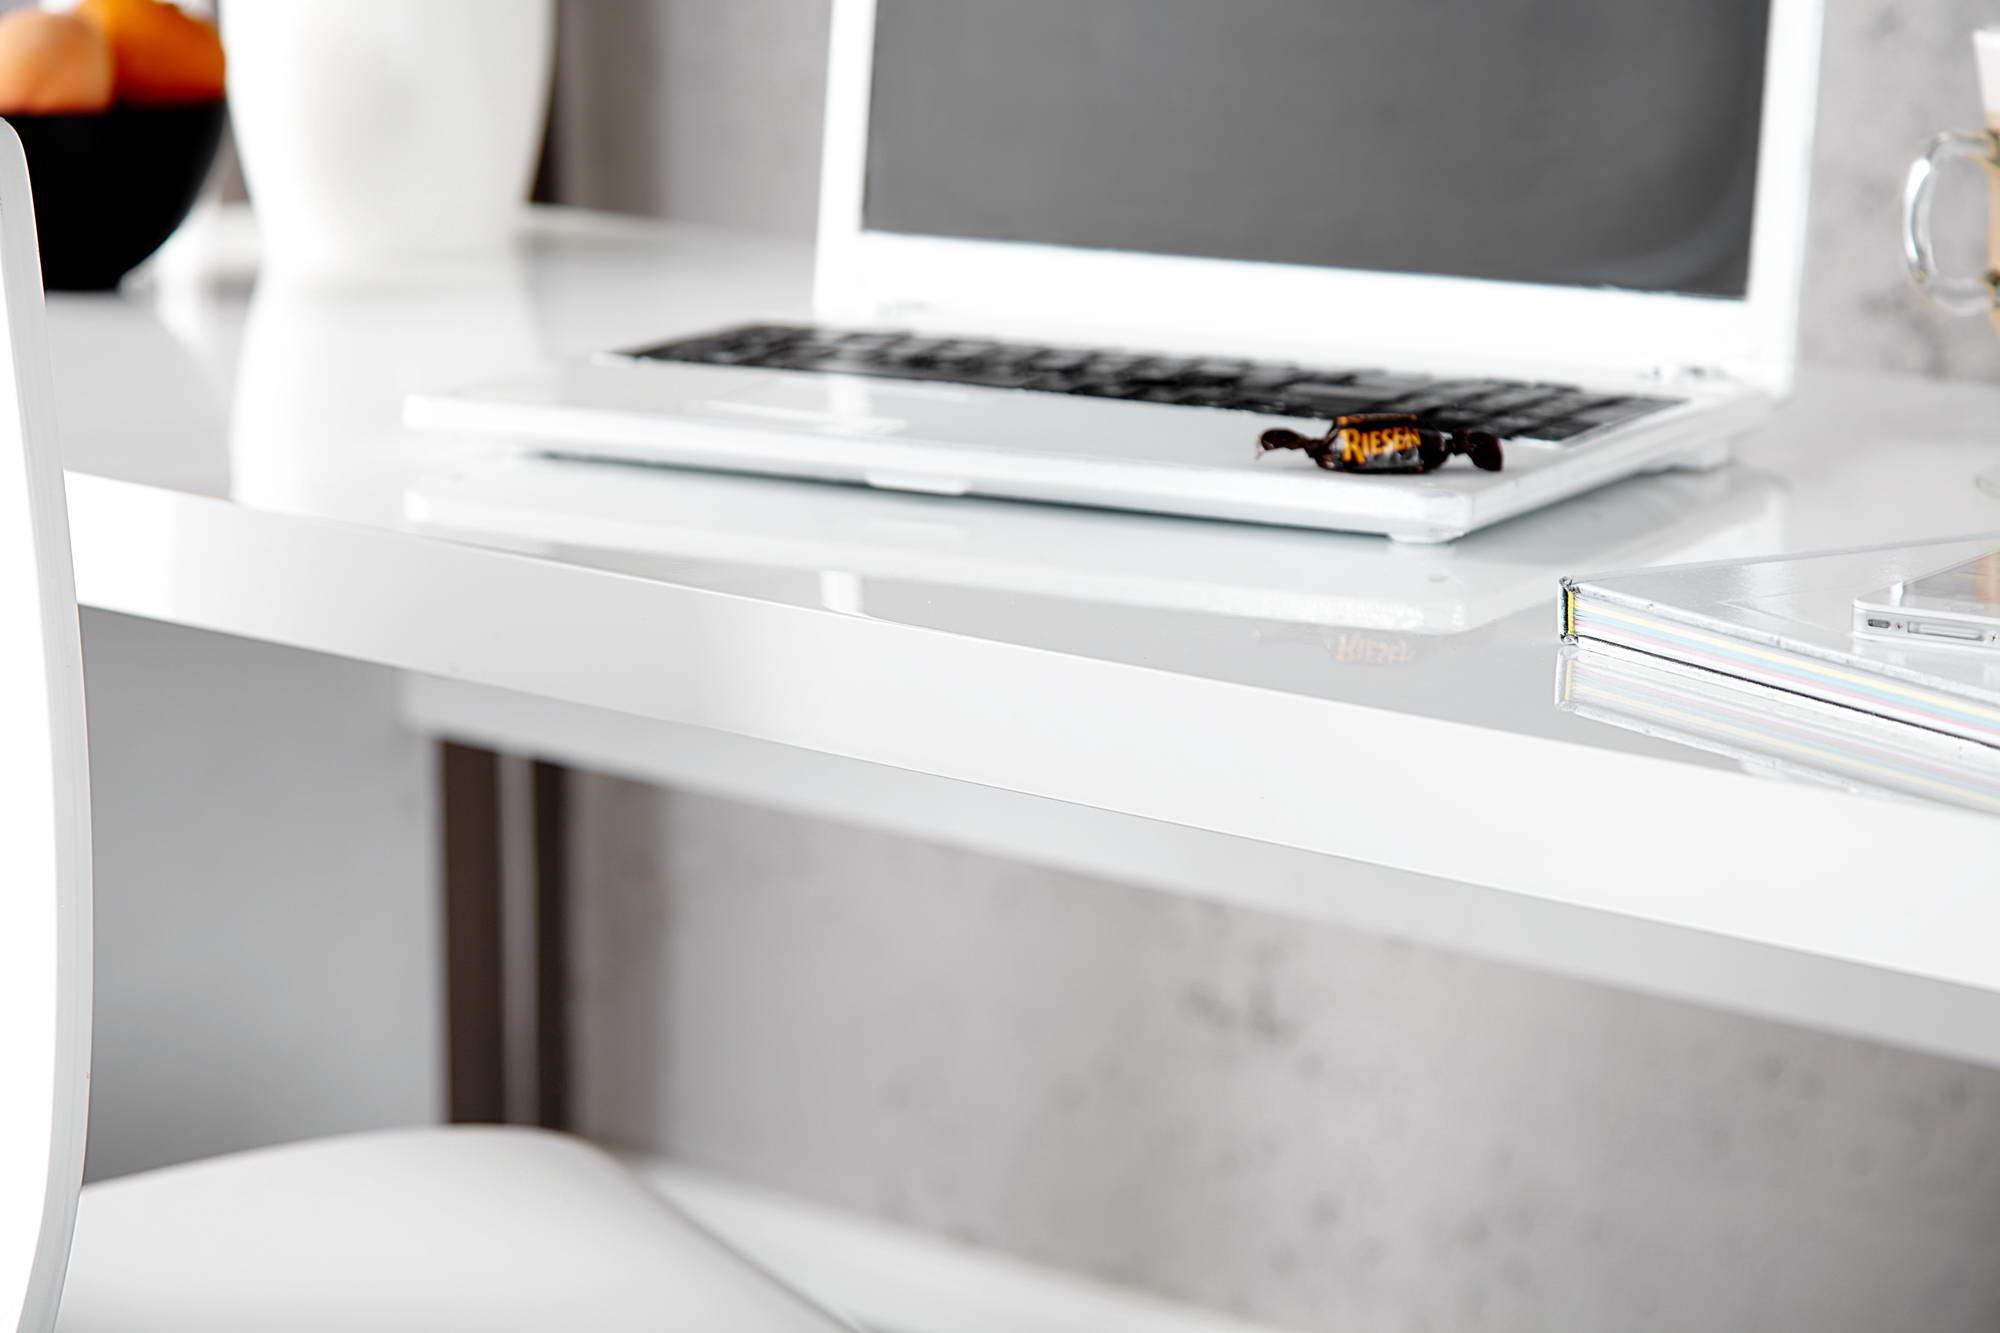 Kancelářský stůl Barter 140cm bílý vysoký lesk - otevřené balení